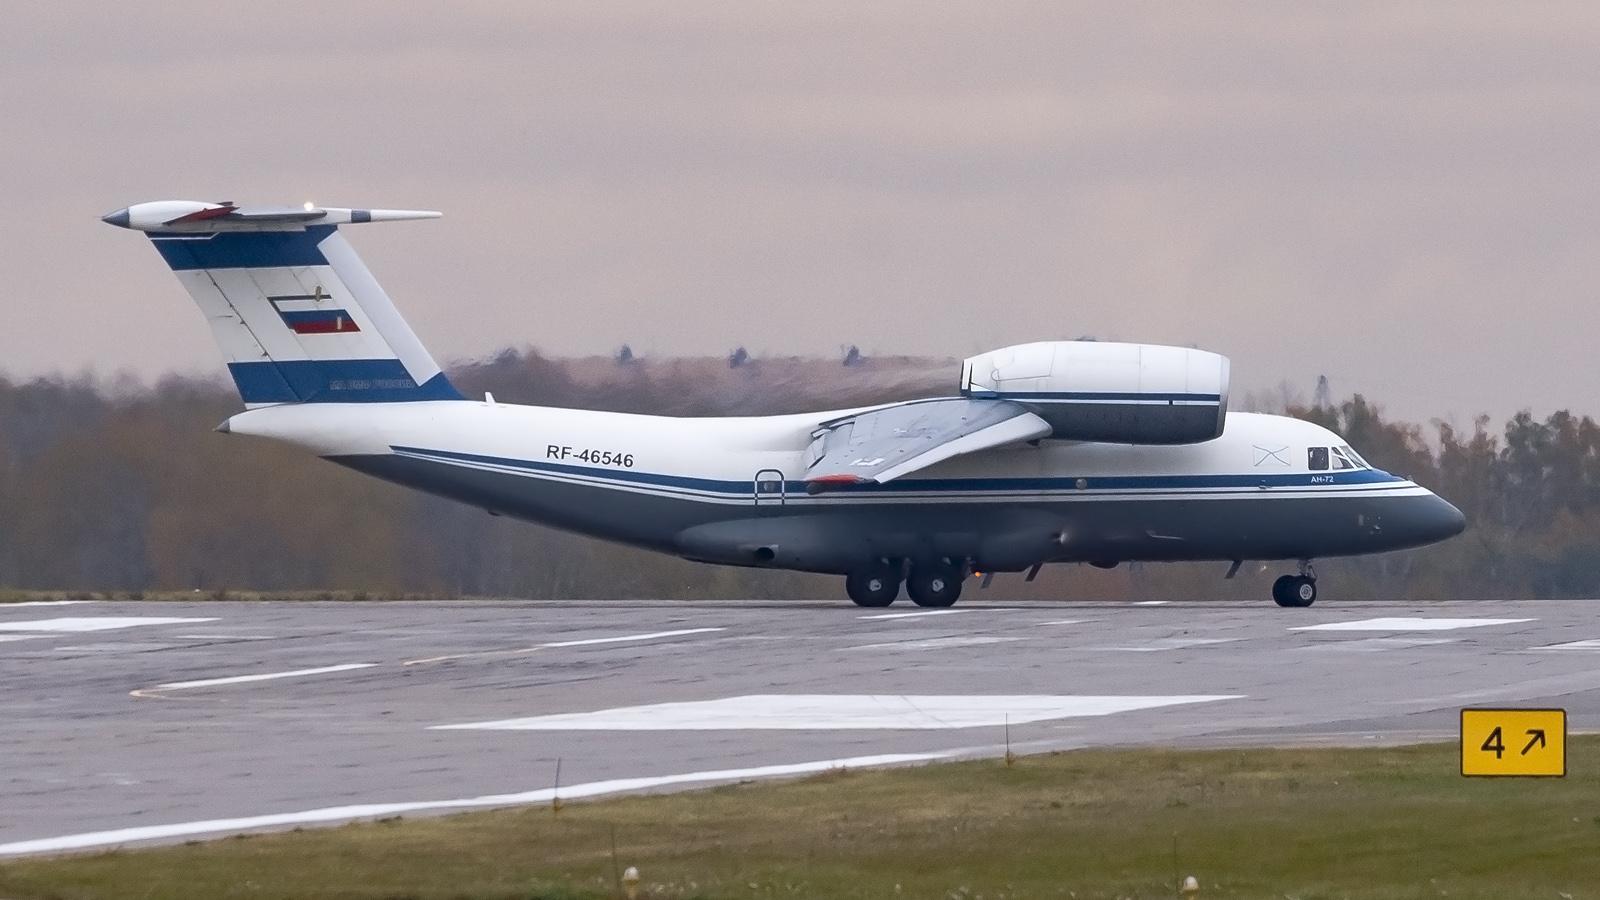 RF-46546_AN72_Russian_Navy_Air_Force_OSF_%2833415180395%29_%282%29.jpg